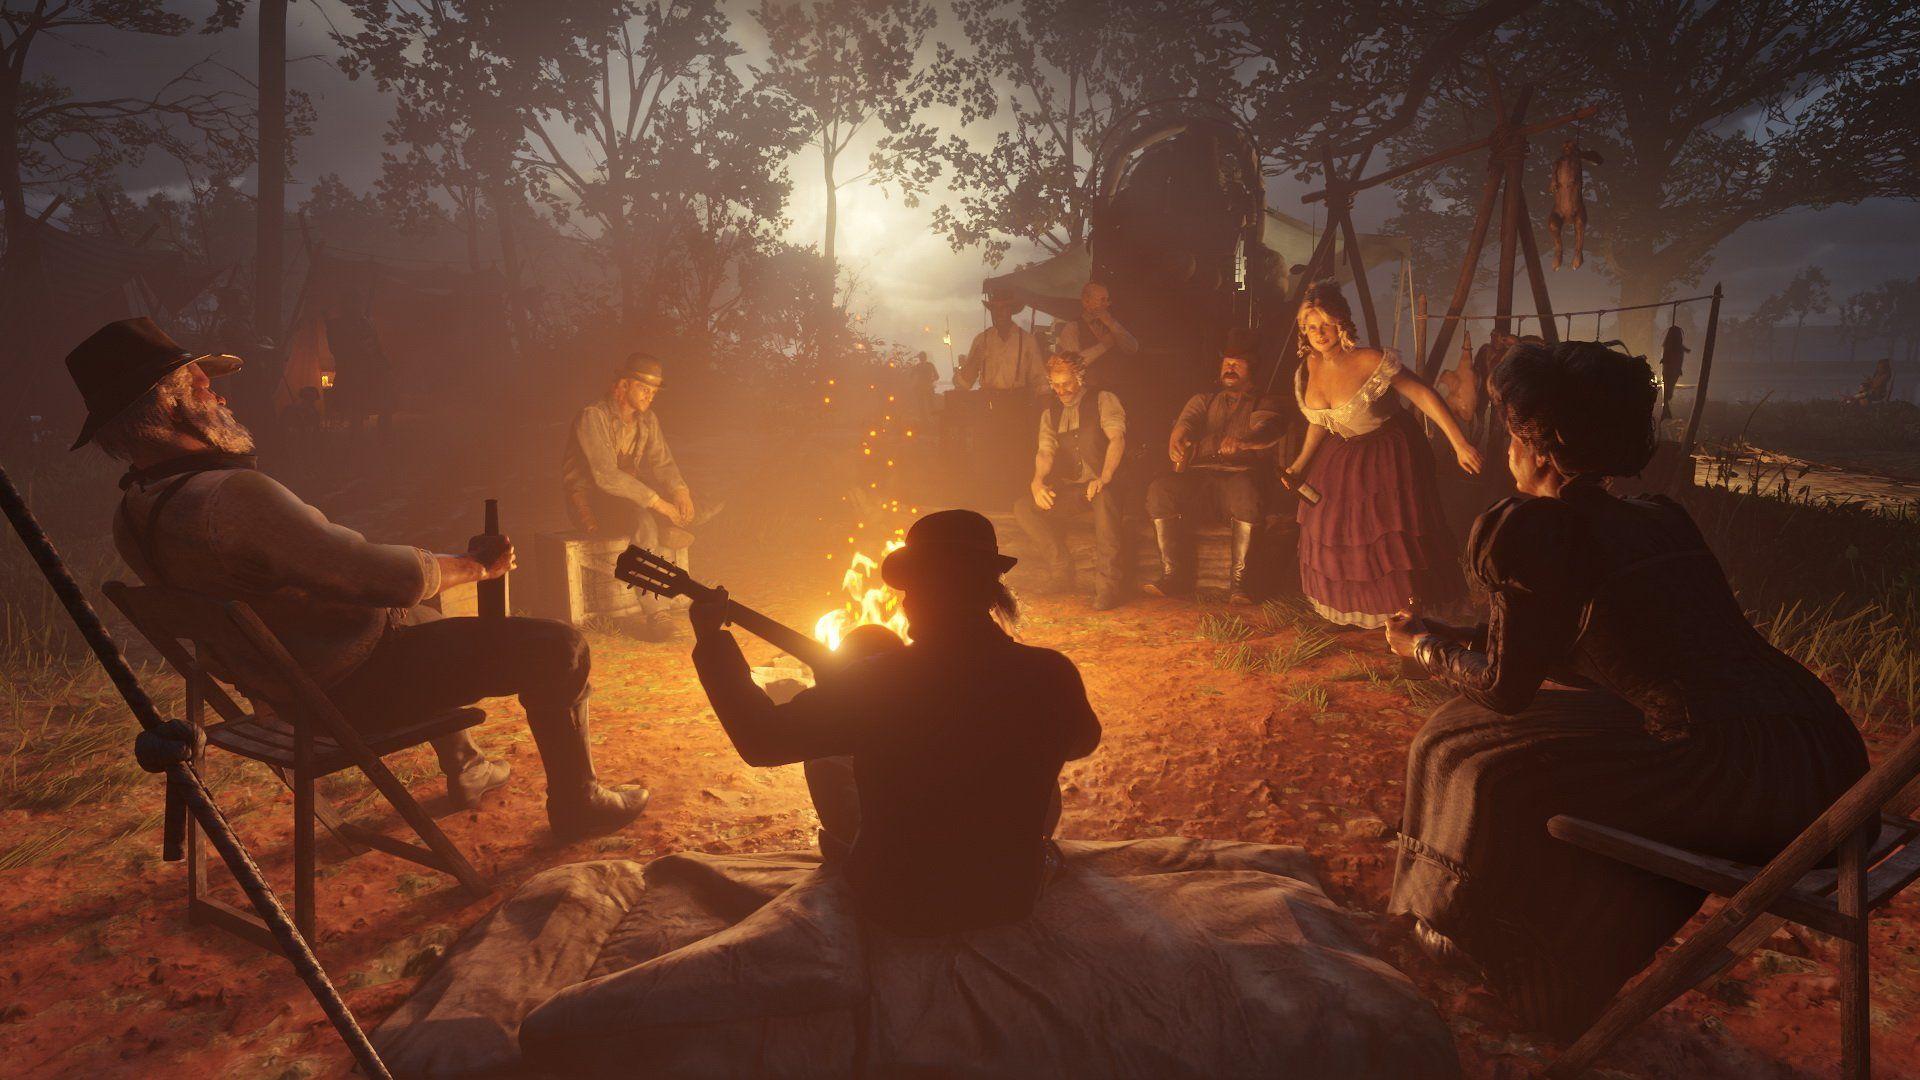 rockstar-games-distribue-10-nouvelles-images-de-red-dead-redemption-2-e21cf42e.jpg